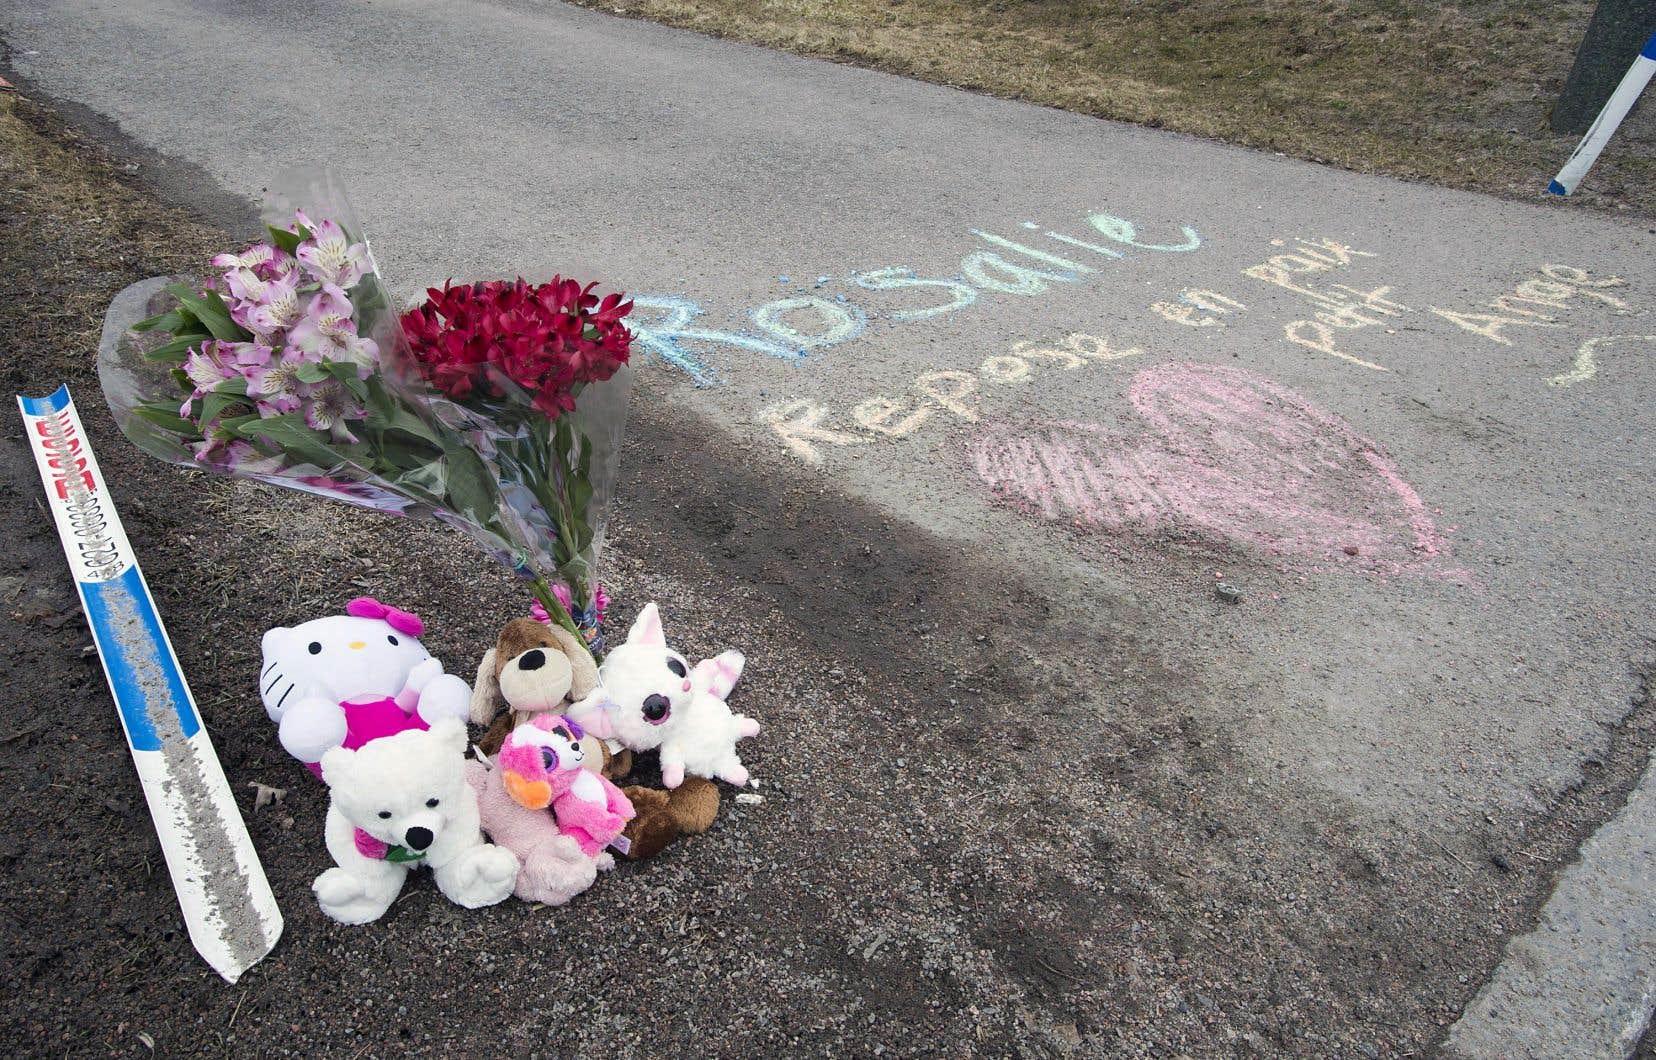 La Commission des droits de la personne et des droits de la jeunesse a dévoilé mercredi les conclusions d'une enquête sur la mort de la petite Rosalie Gagnon, une fillette de deux ans qui avait été retrouvée sans vie dans un bac à ordures dans le secteur de Charlesbourg à Québec en avril 2018.